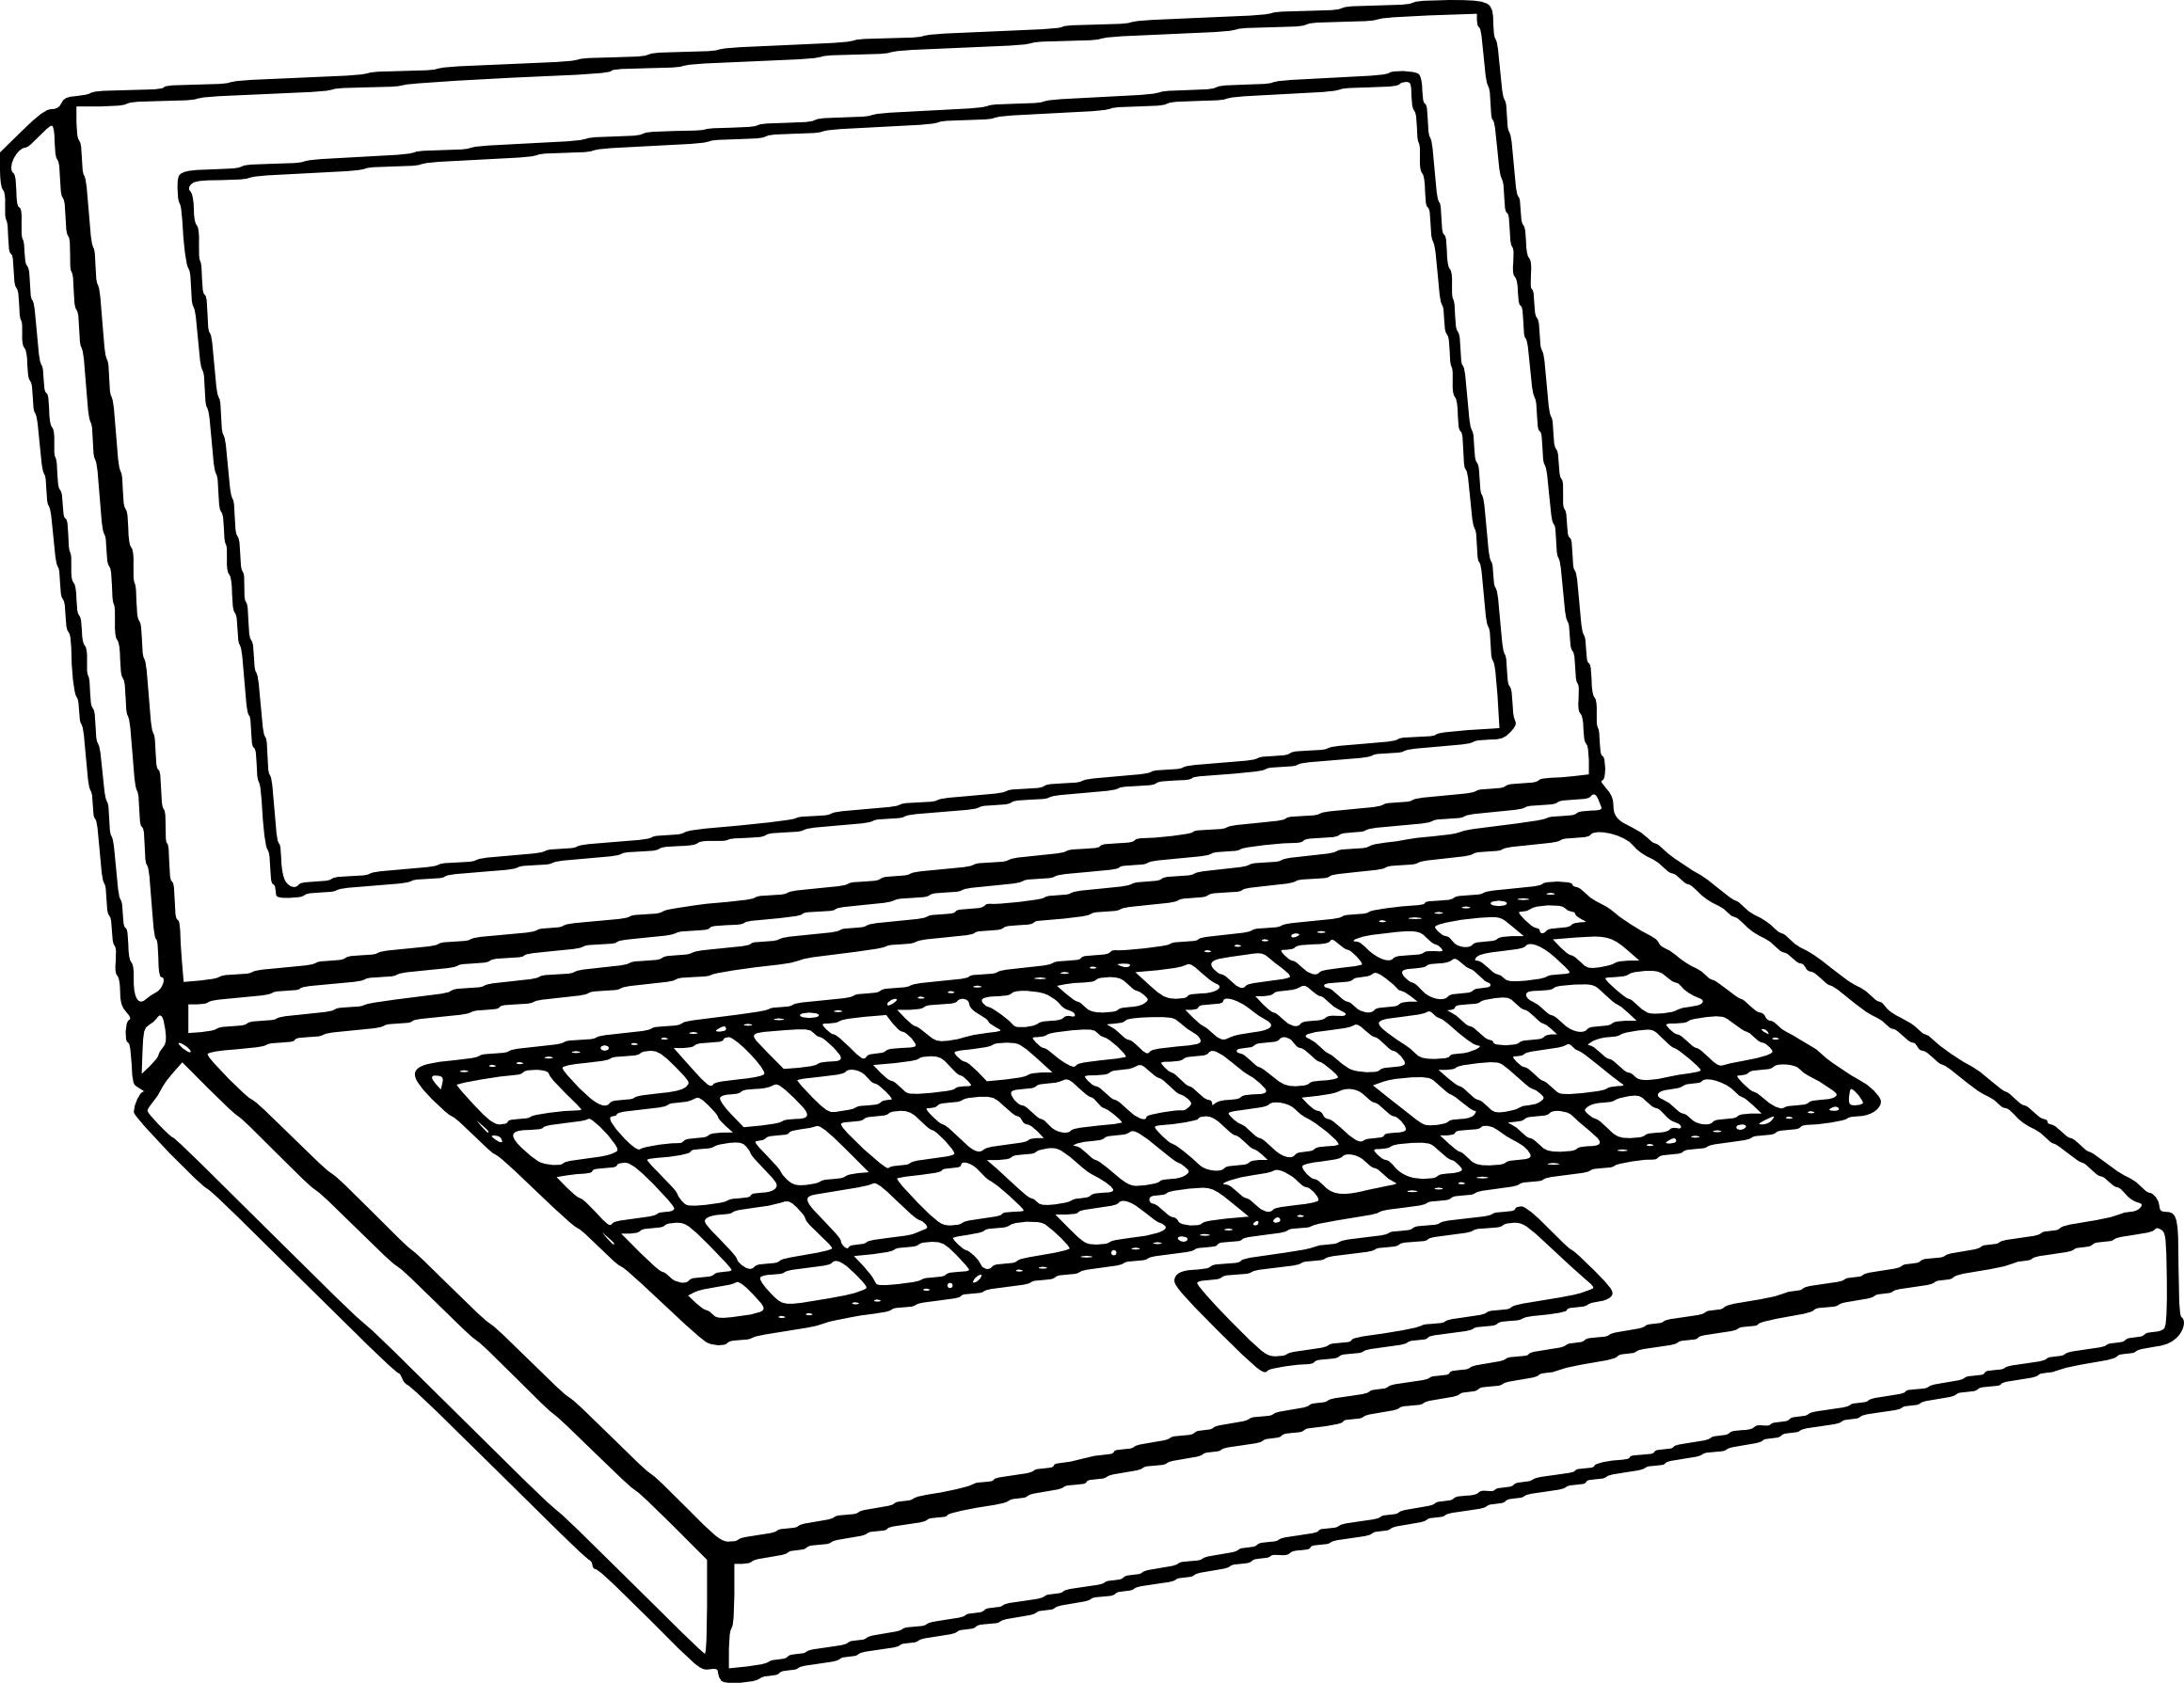 Coloriage Ordinateur Portable À Imprimer Sur Coloriages encequiconcerne Dessin À Colorier Sur L Ordinateur